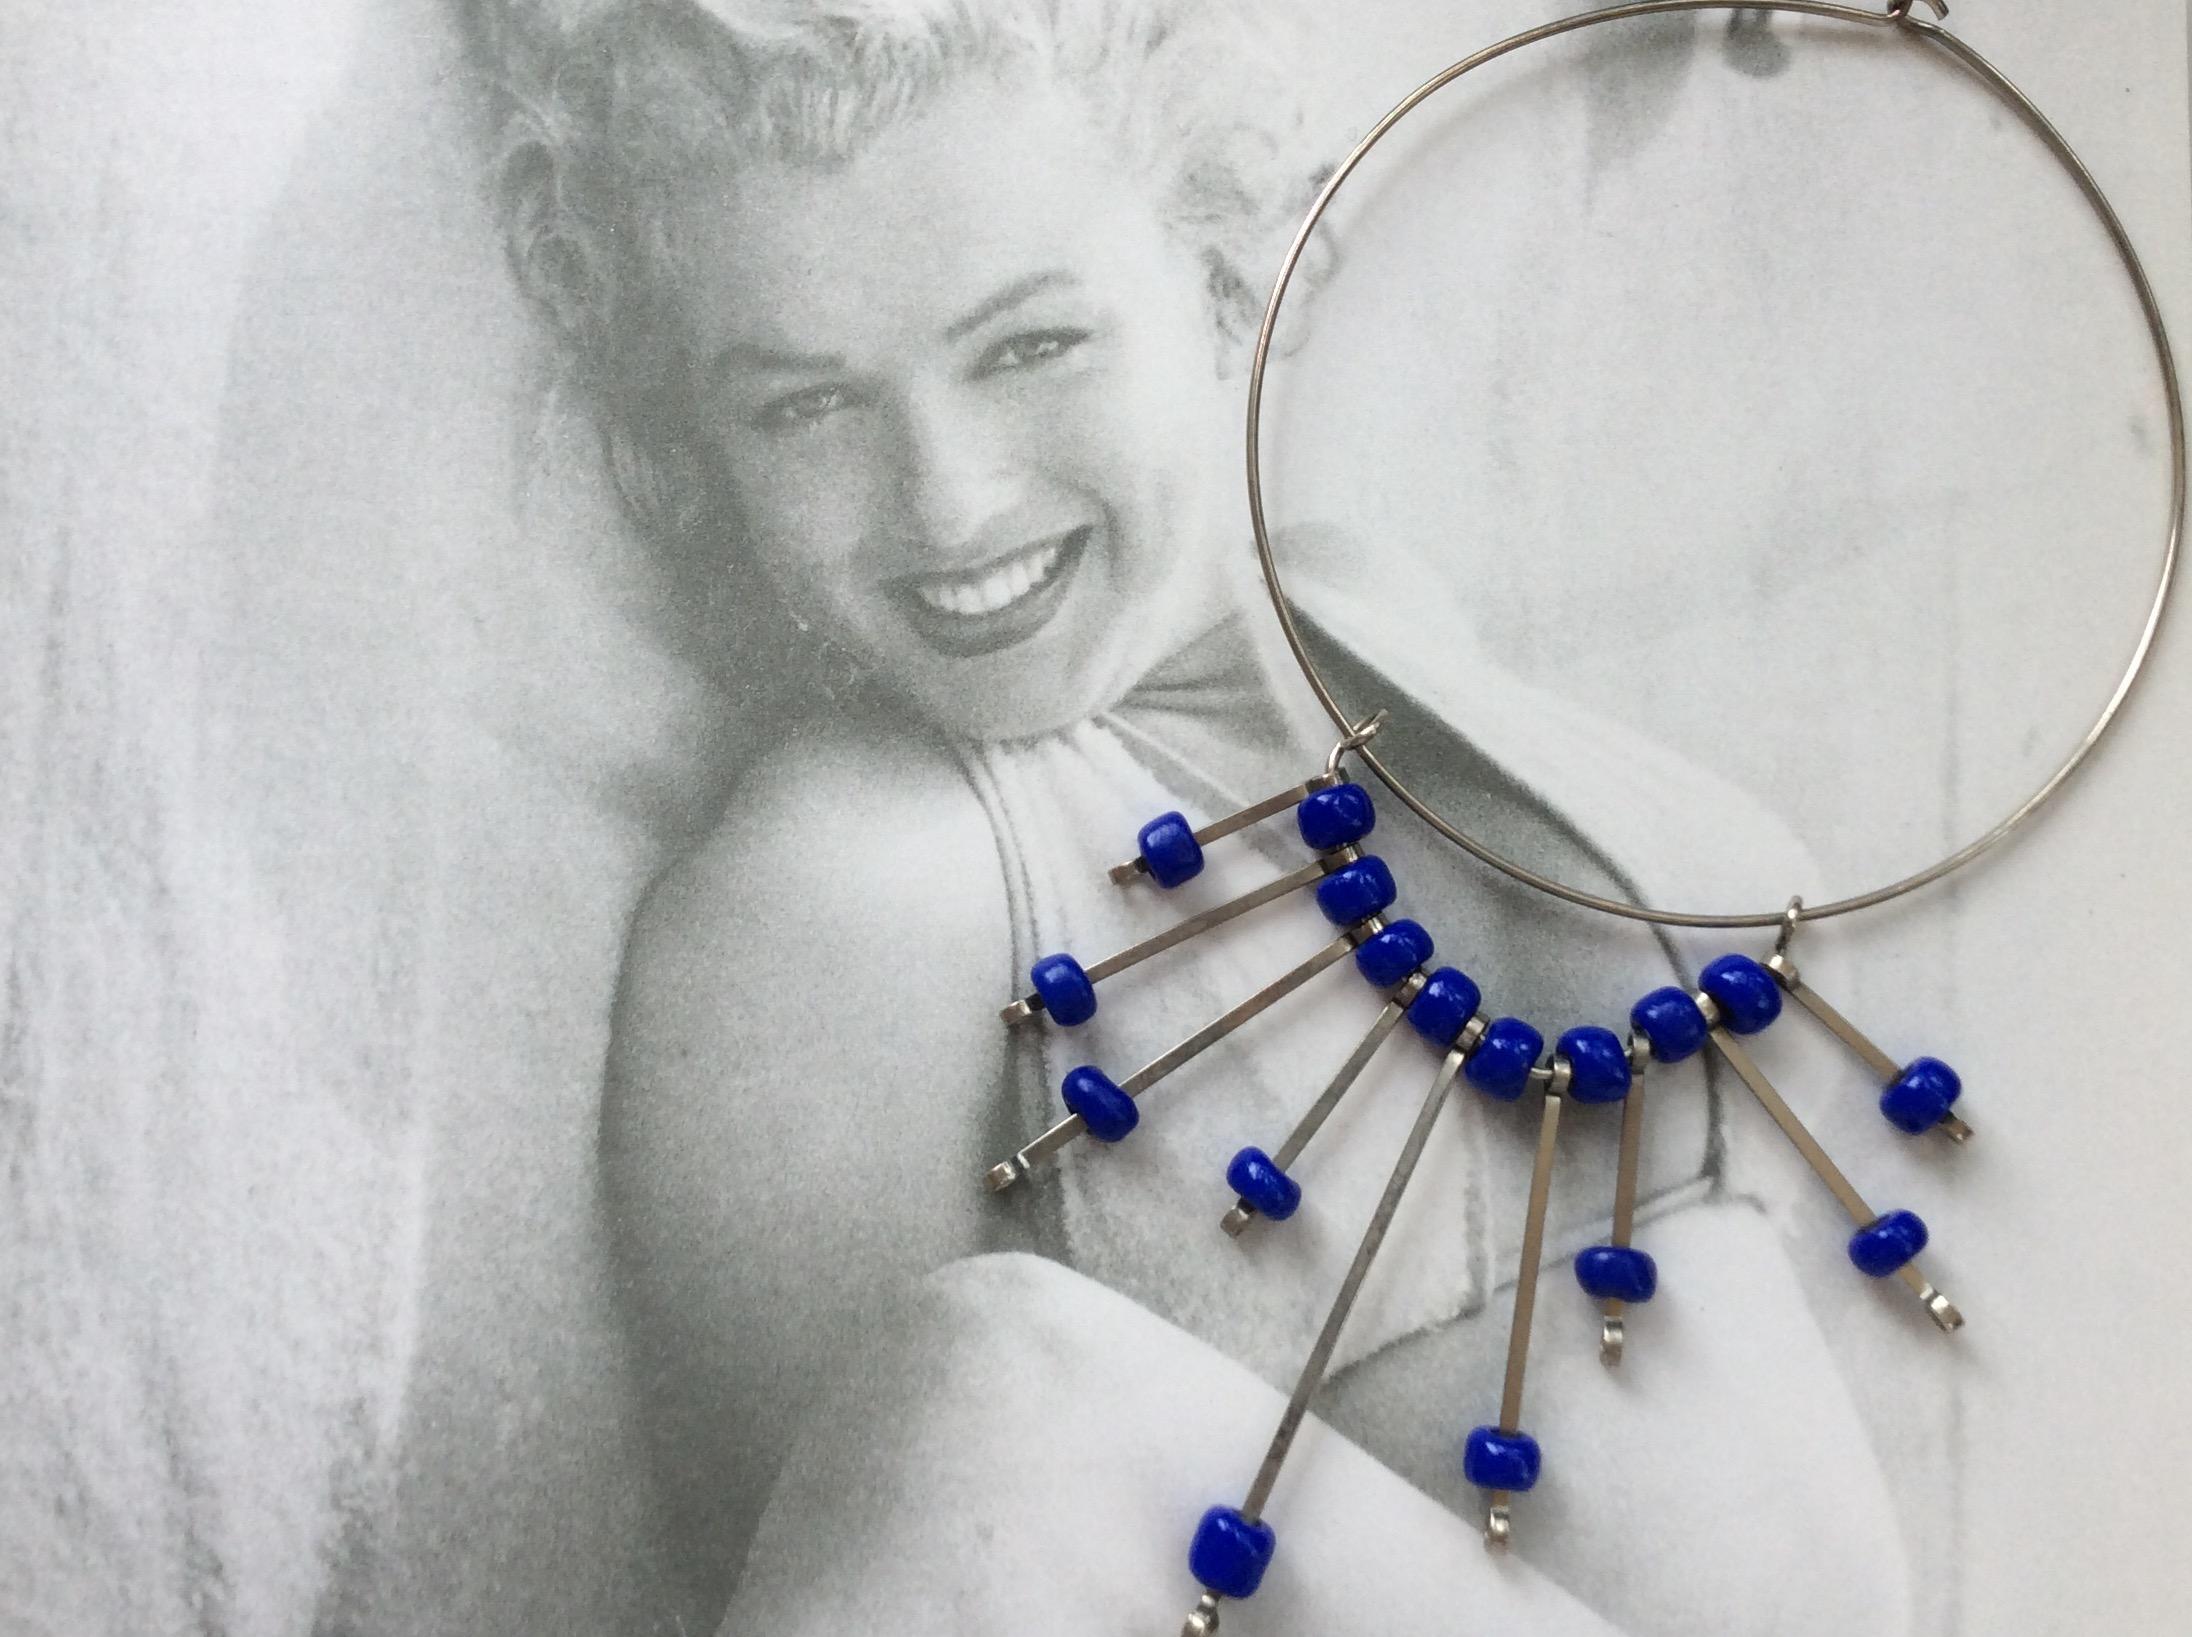 Girocollo in metallo e perline blu